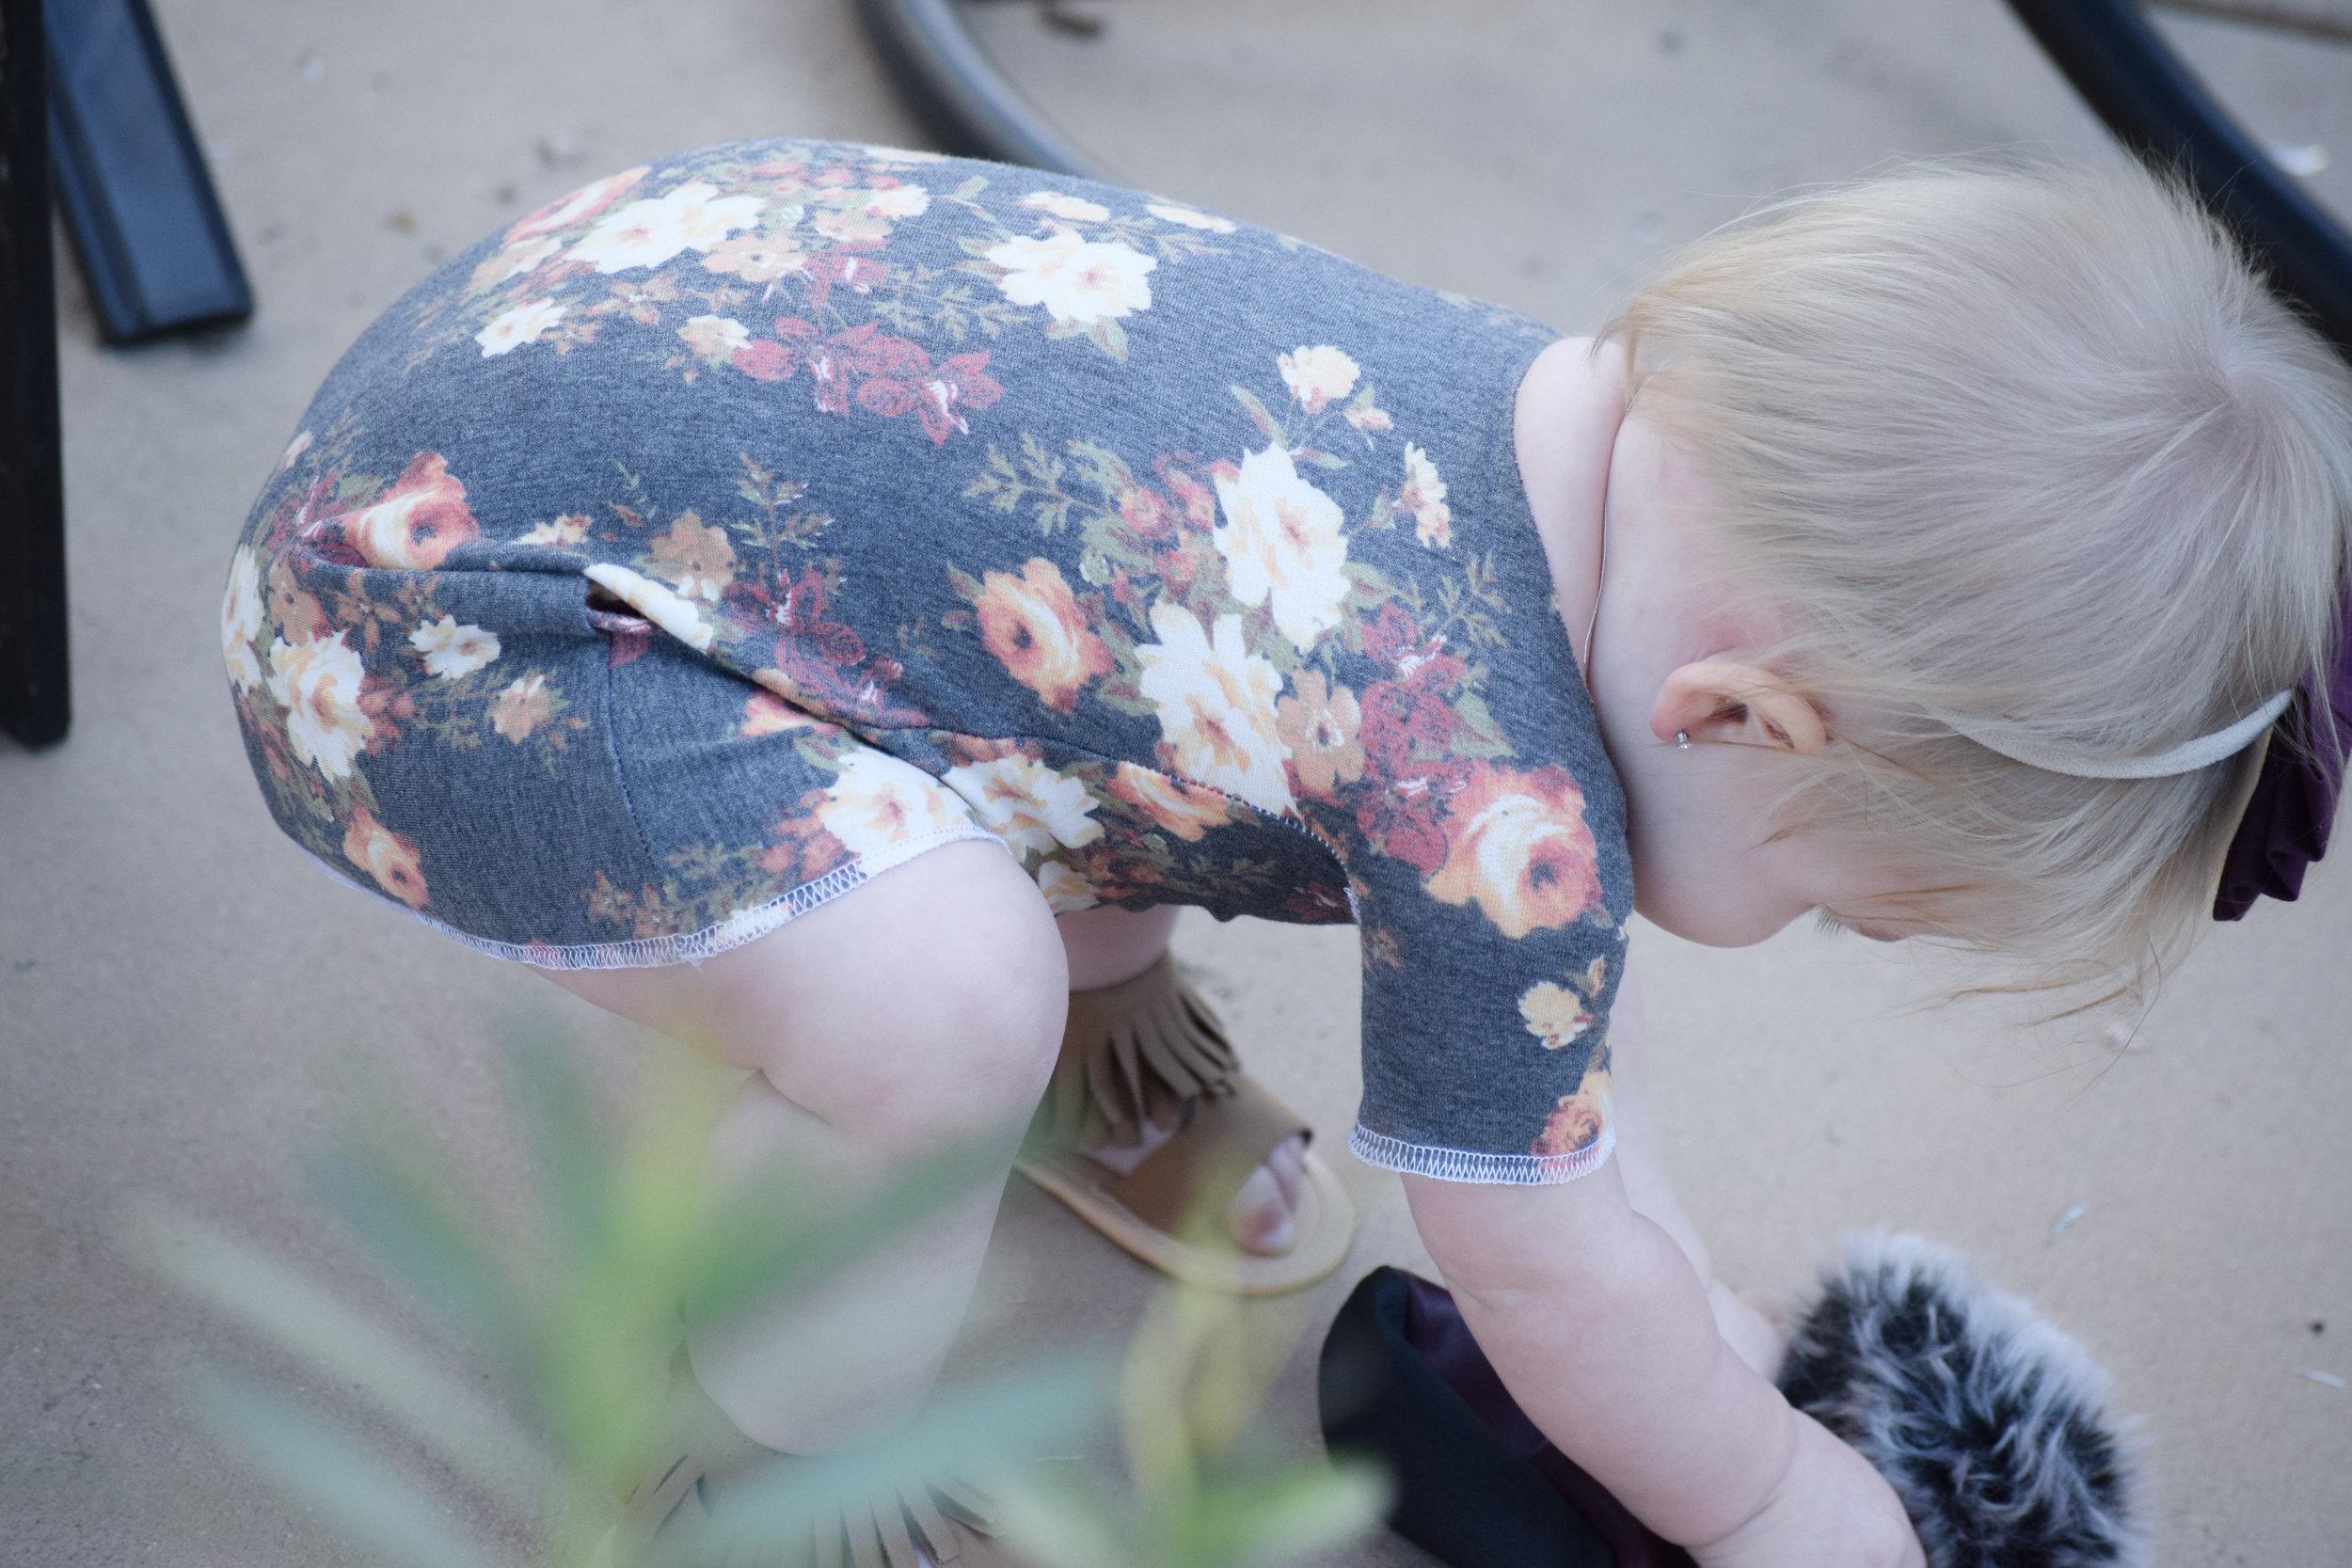 Baby Floral Off the Shoulder Dress - Baby Gladiator Sandals